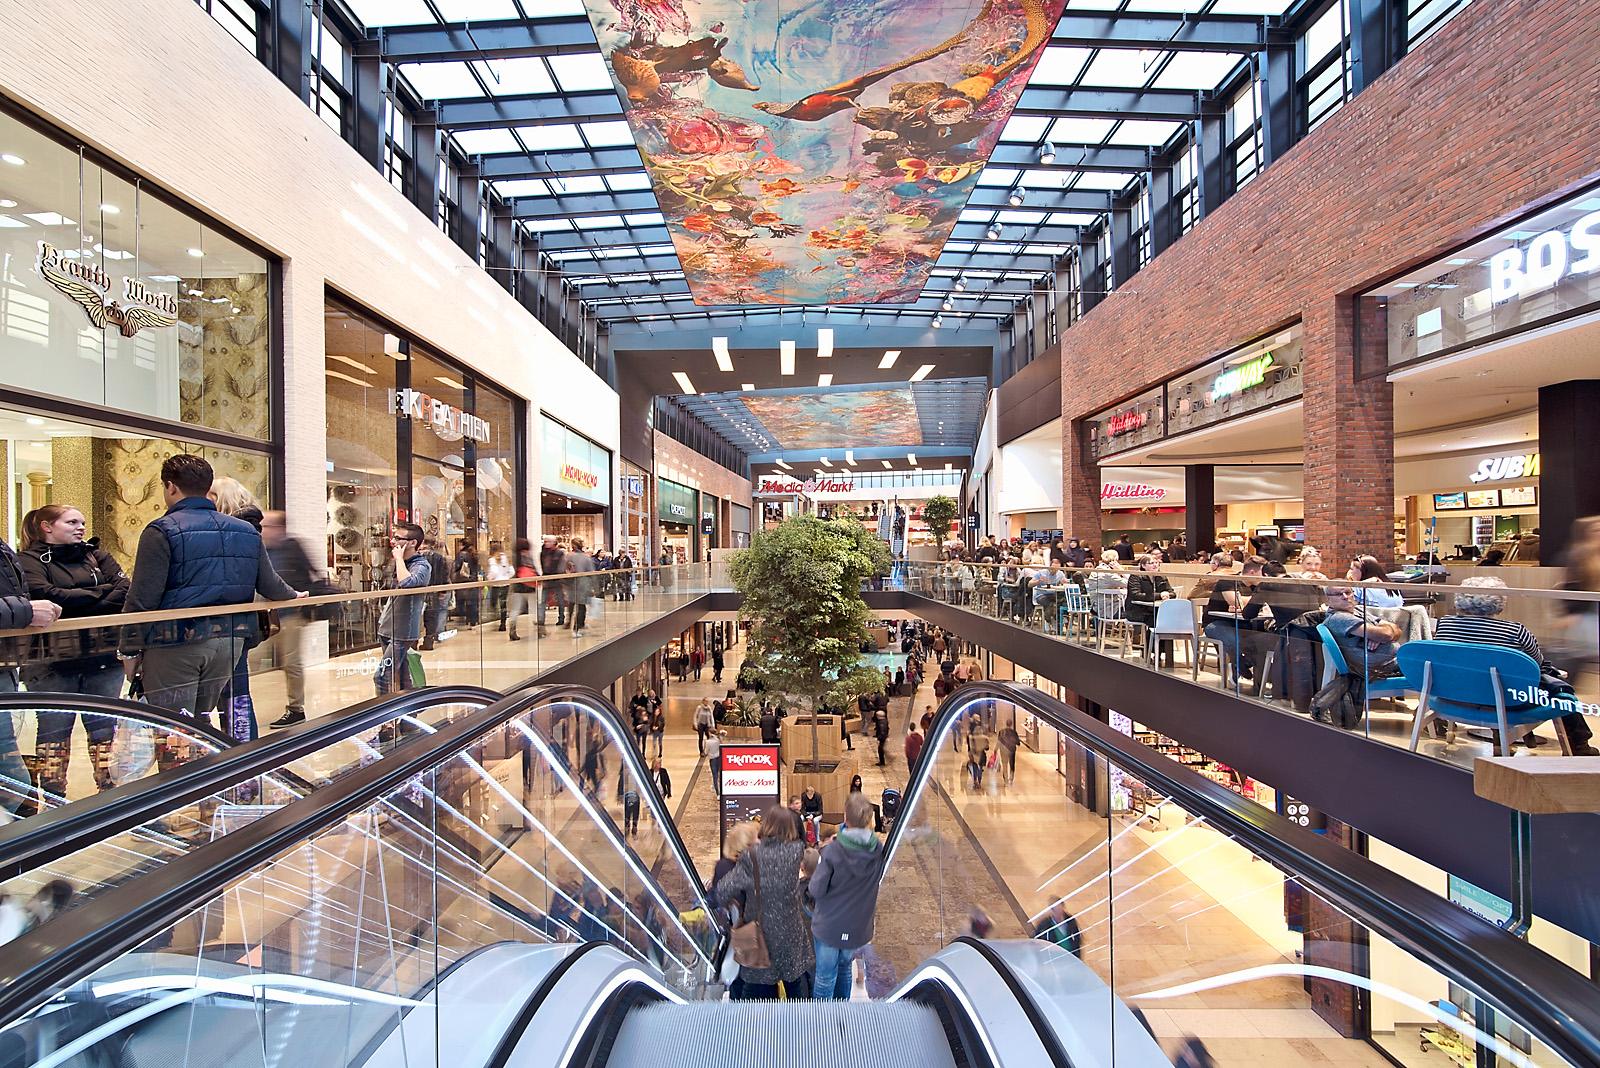 Interieur Inrichting Galerie : Shoppingmall ems galerie rheine normaalkracht